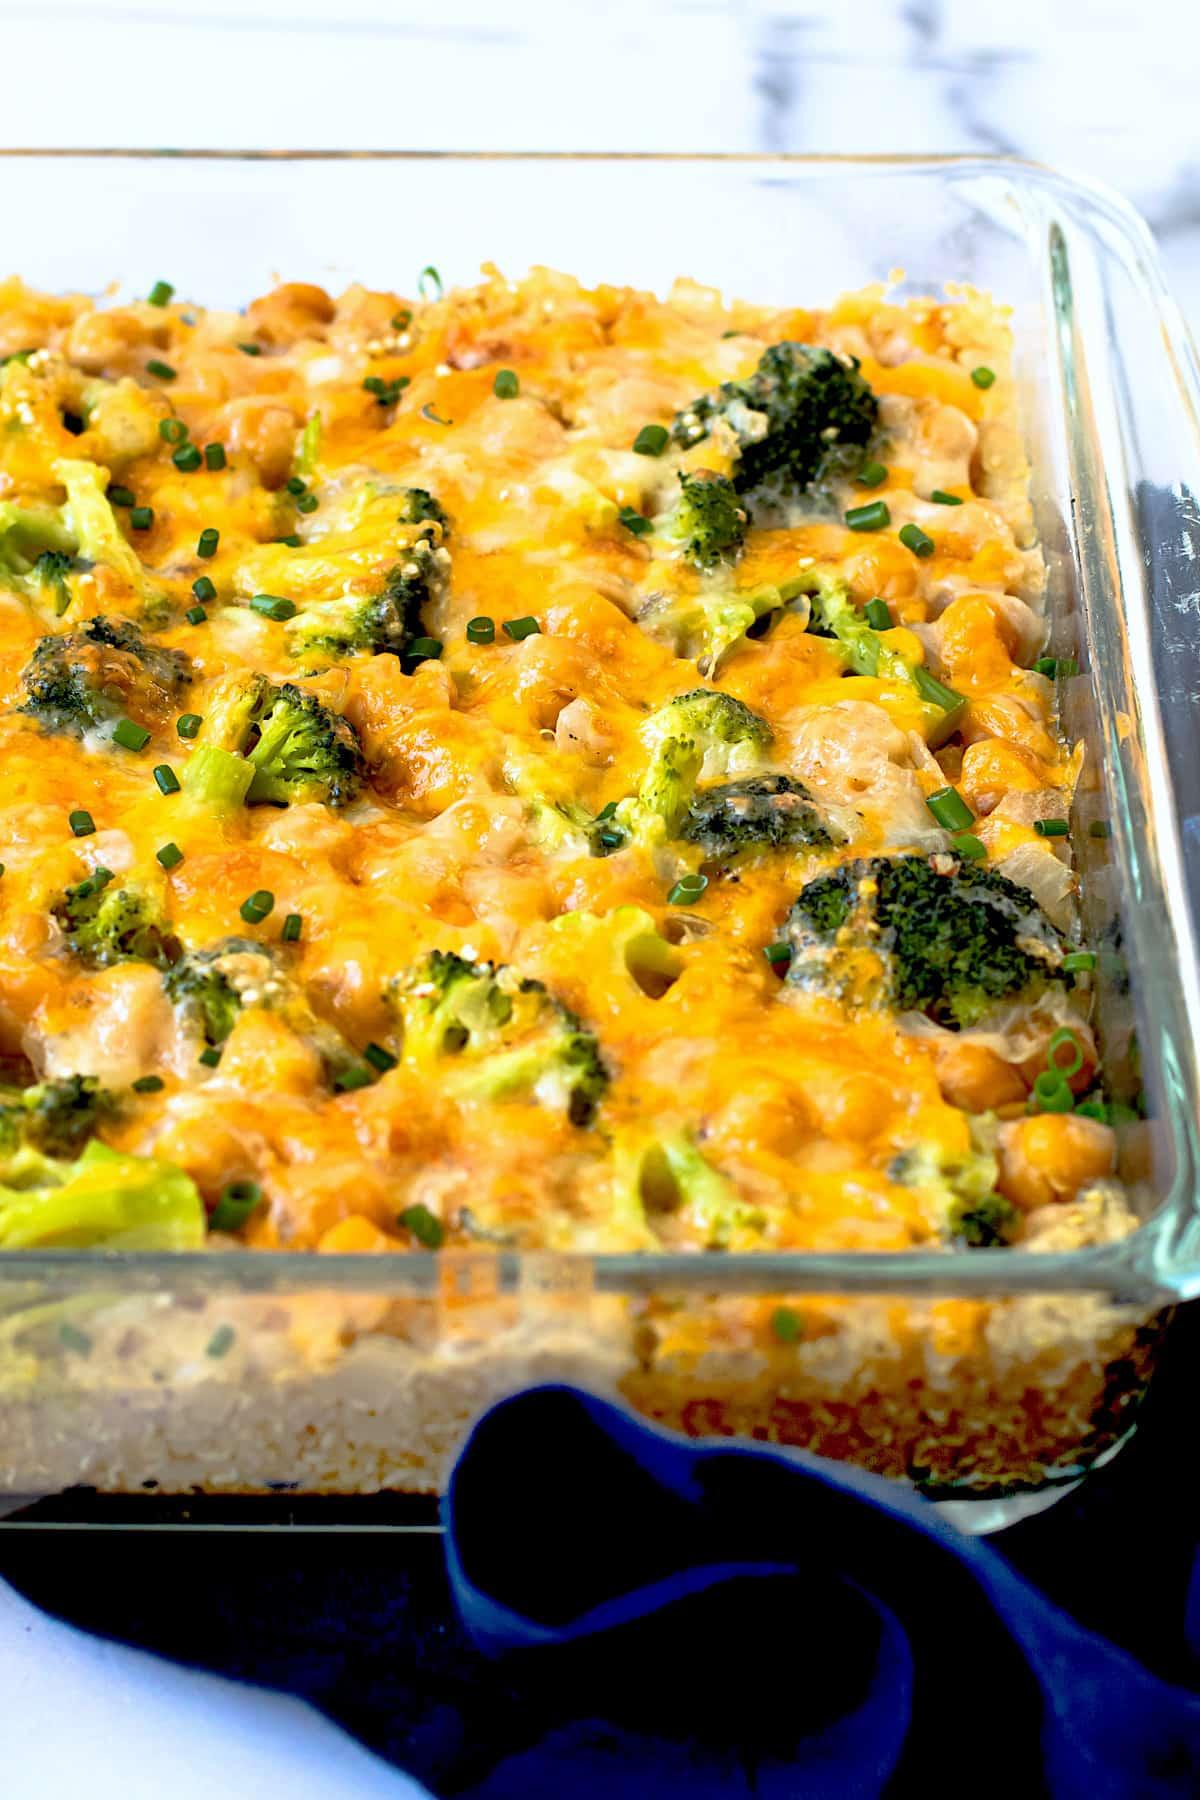 A broccoli cheddar Quinoa Casserole in a baking dish.